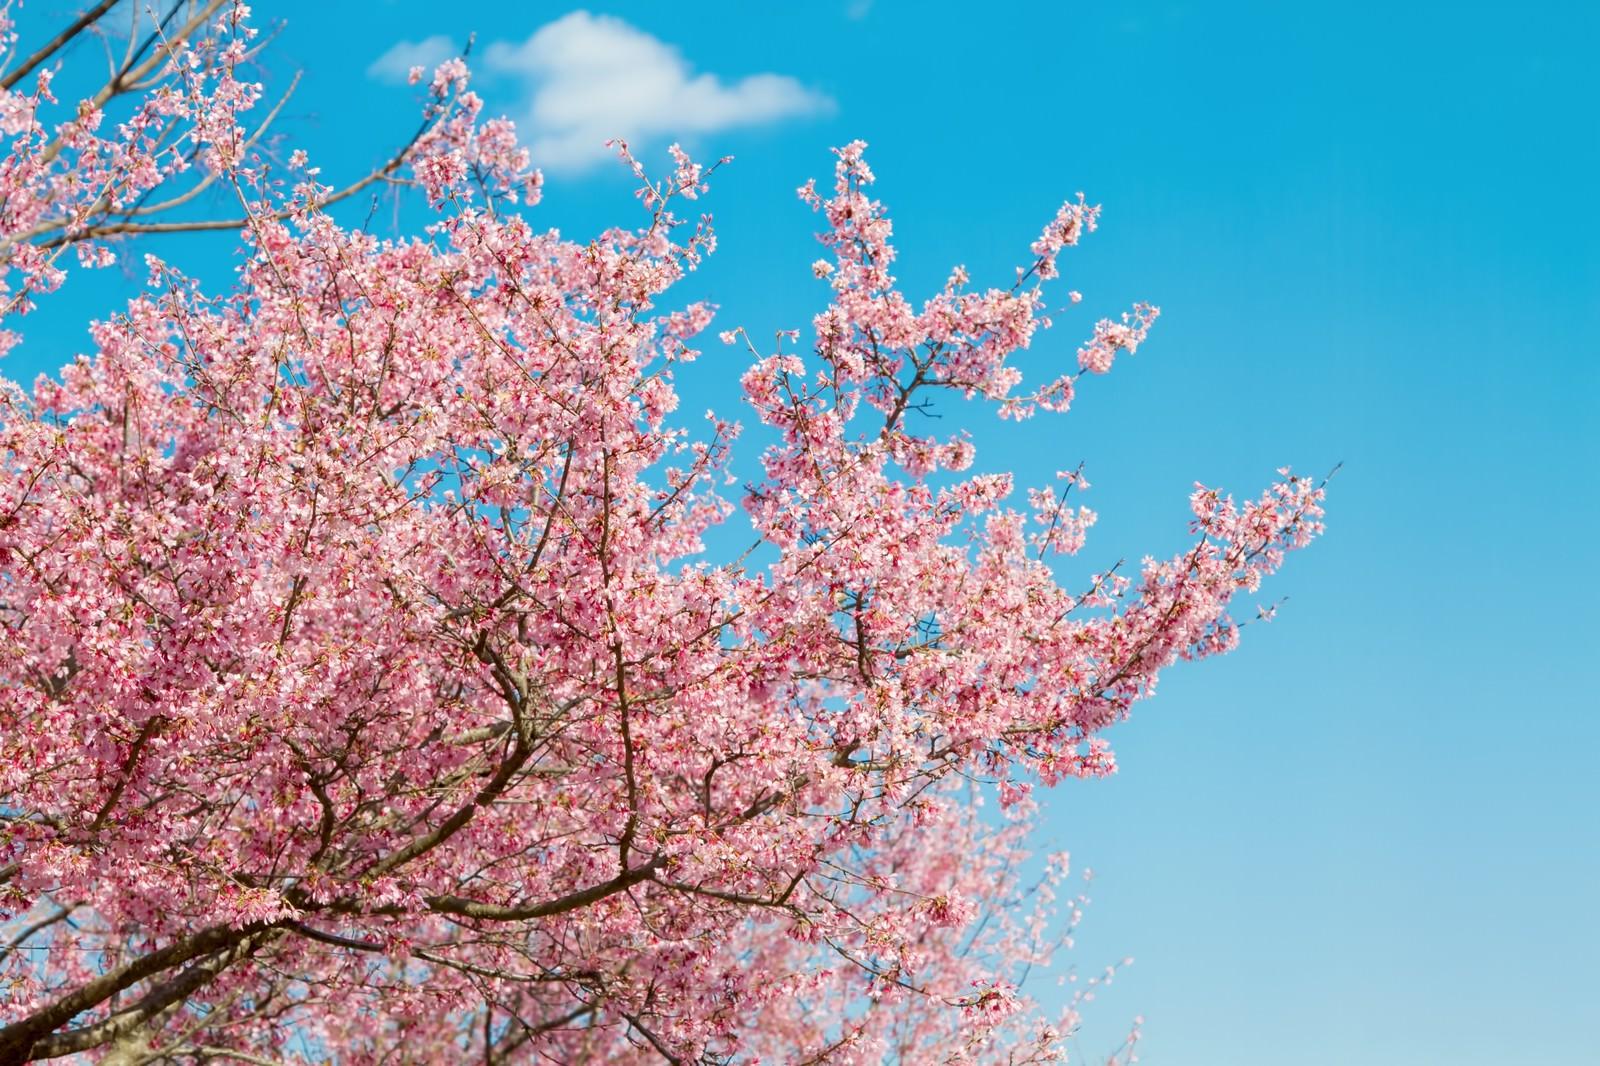 「青空と桜の木青空と桜の木」のフリー写真素材を拡大